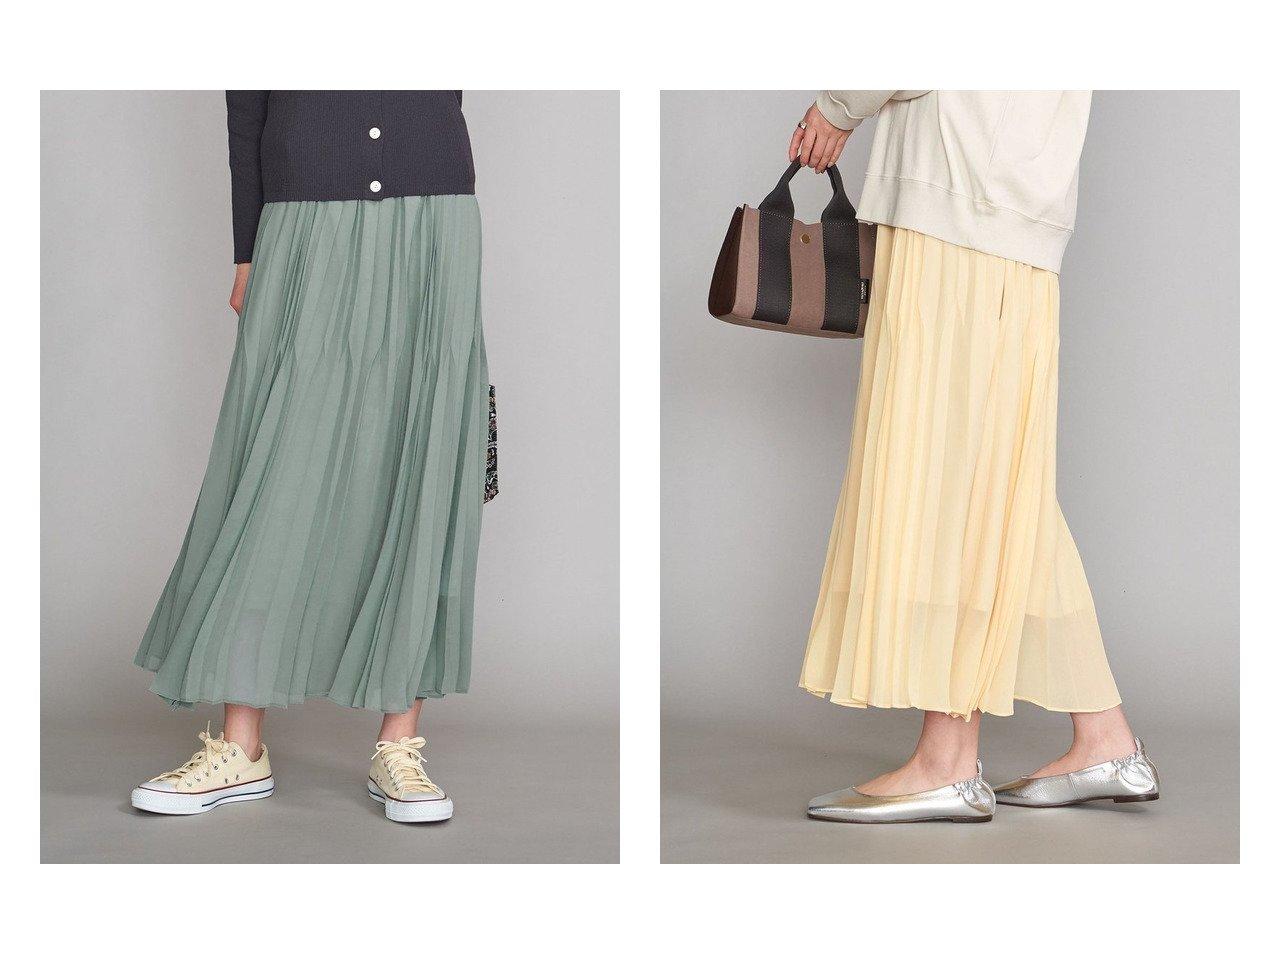 【BEAUTY&YOUTH / UNITED ARROWS/ビューティ&ユース ユナイテッドアローズ】のBY ランダムプリーツマキシスカート 【スカート】おすすめ!人気トレンド・レディースファッションの通販  おすすめで人気の流行・トレンド、ファッションの通販商品 メンズファッション・キッズファッション・インテリア・家具・レディースファッション・服の通販 founy(ファニー) https://founy.com/ ファッション Fashion レディースファッション WOMEN スカート Skirt プリーツスカート Pleated Skirts NEW・新作・新着・新入荷 New Arrivals ギャザー プリーツ マキシ ランダム 春 Spring  ID:crp329100000030916